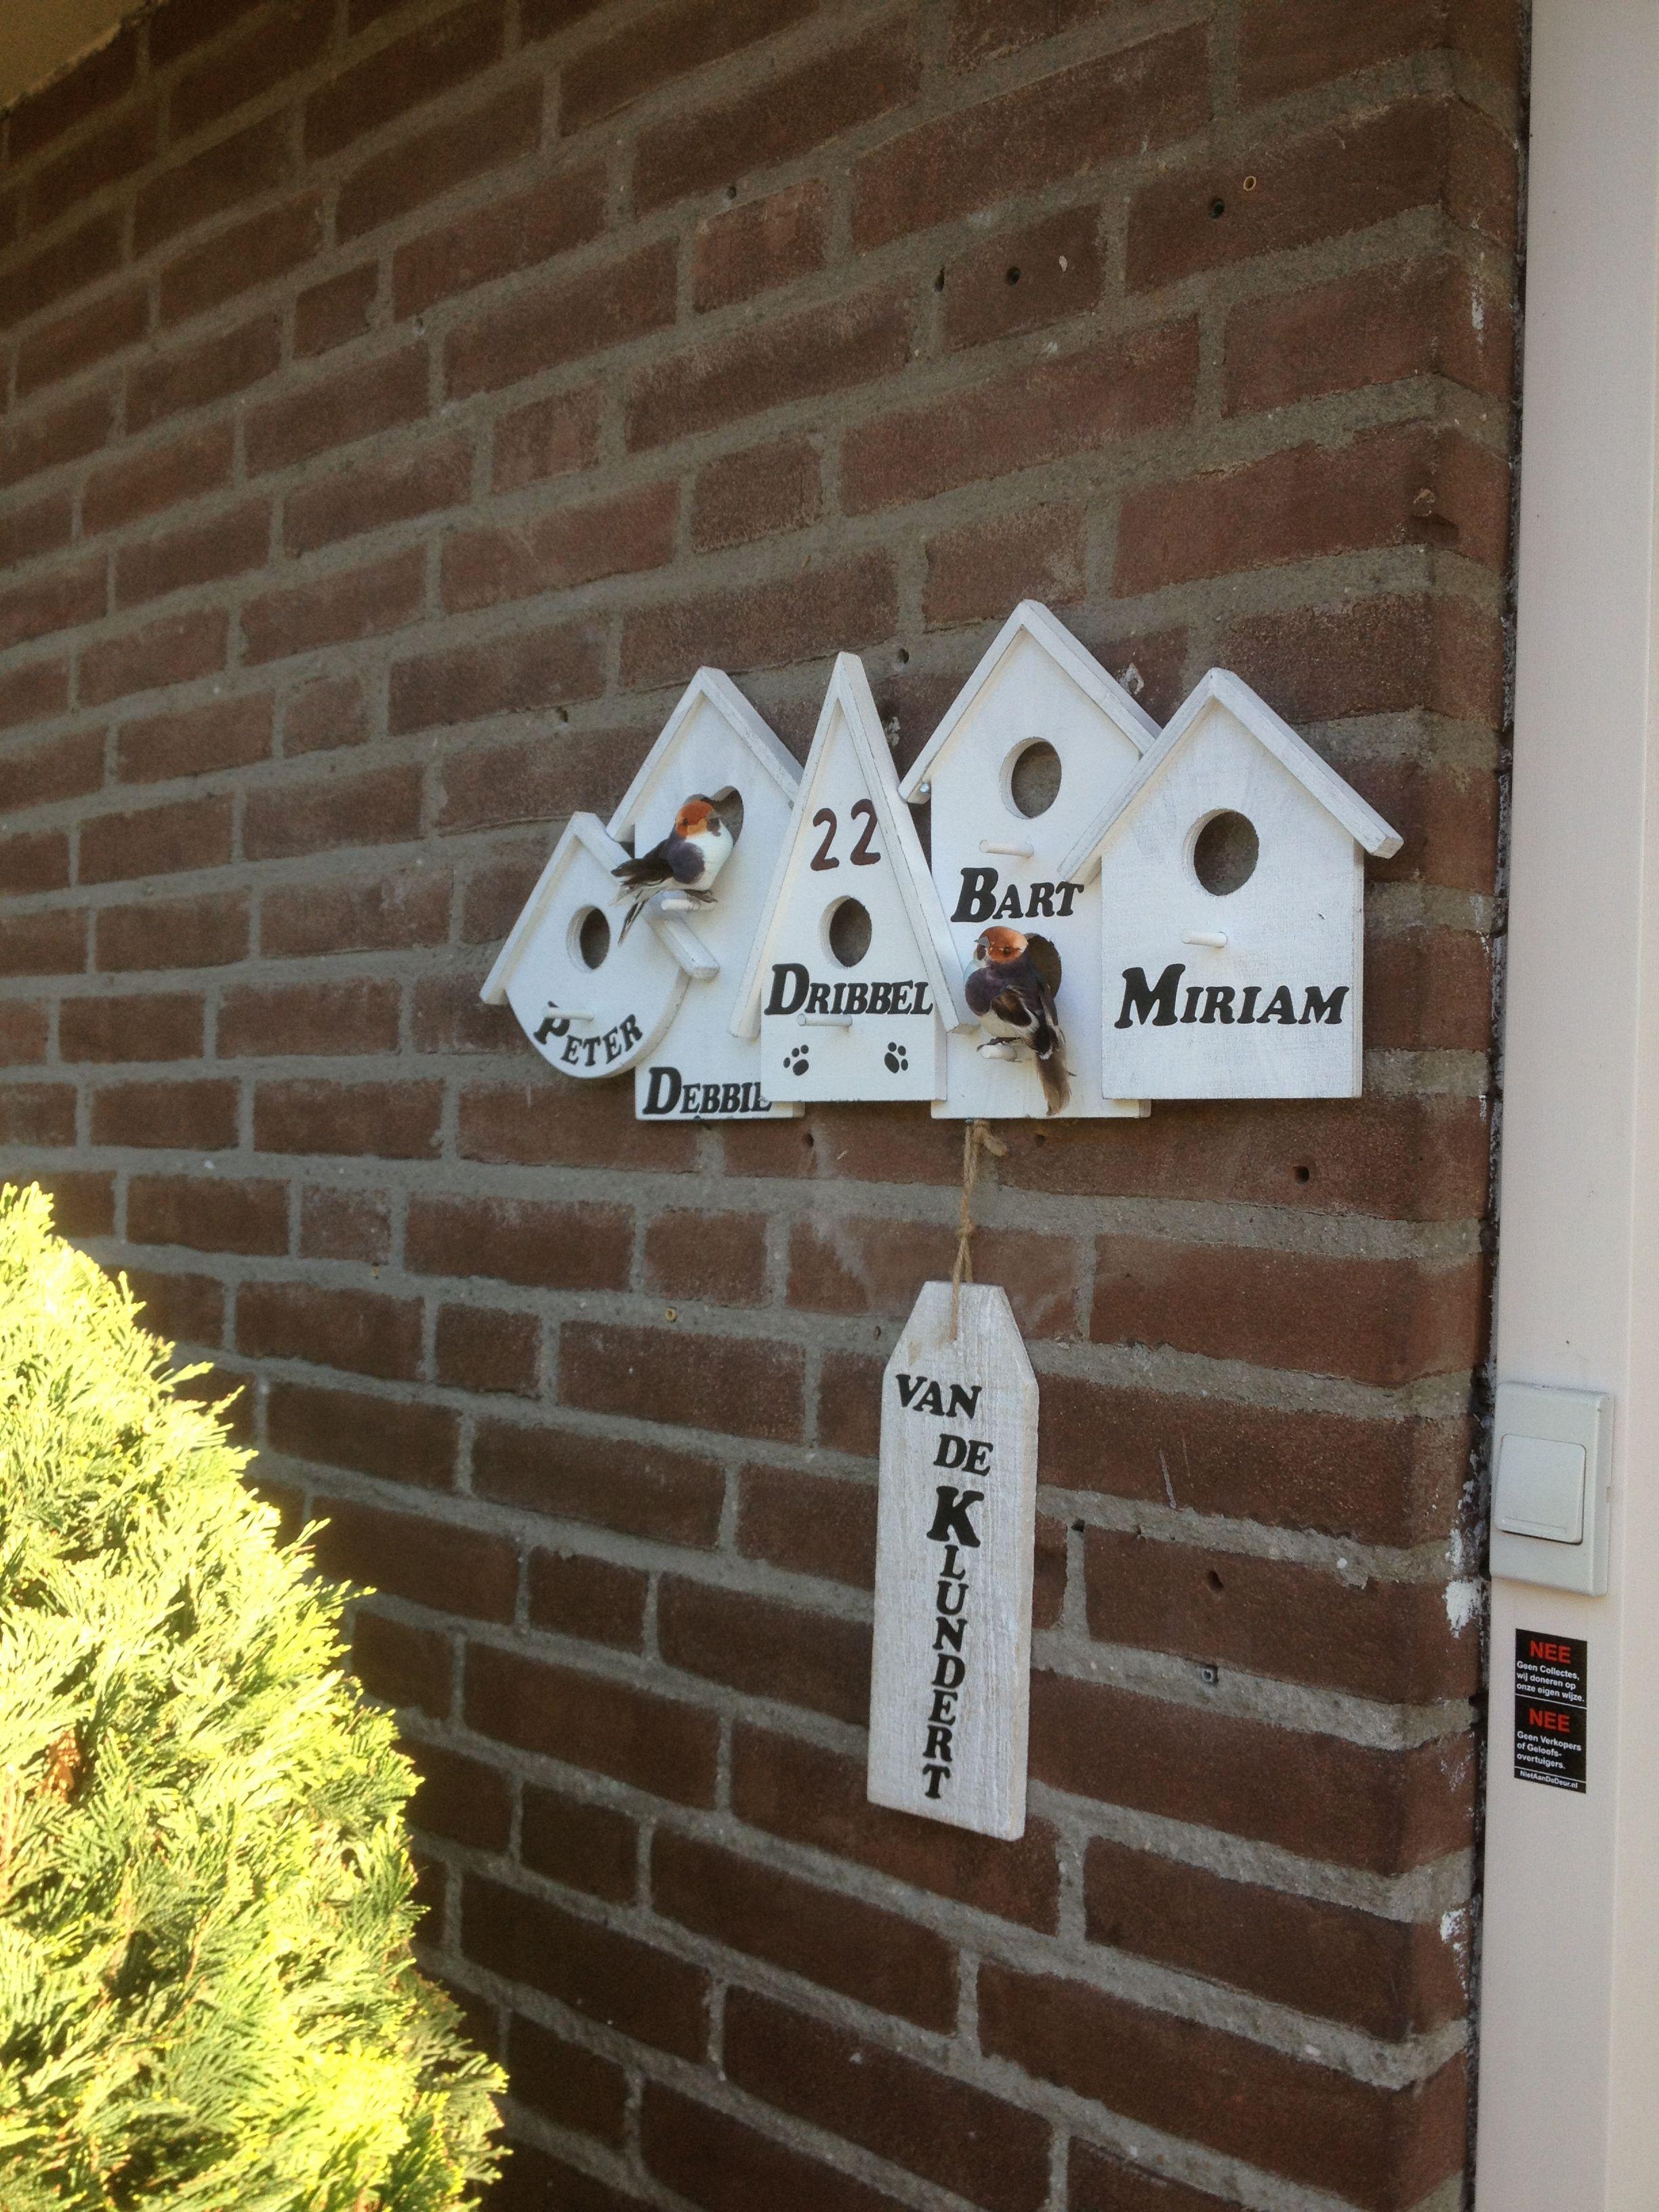 Uitzonderlijk Naambordje voordeur | działka - DIY home crafts, Home crafts en &HW09